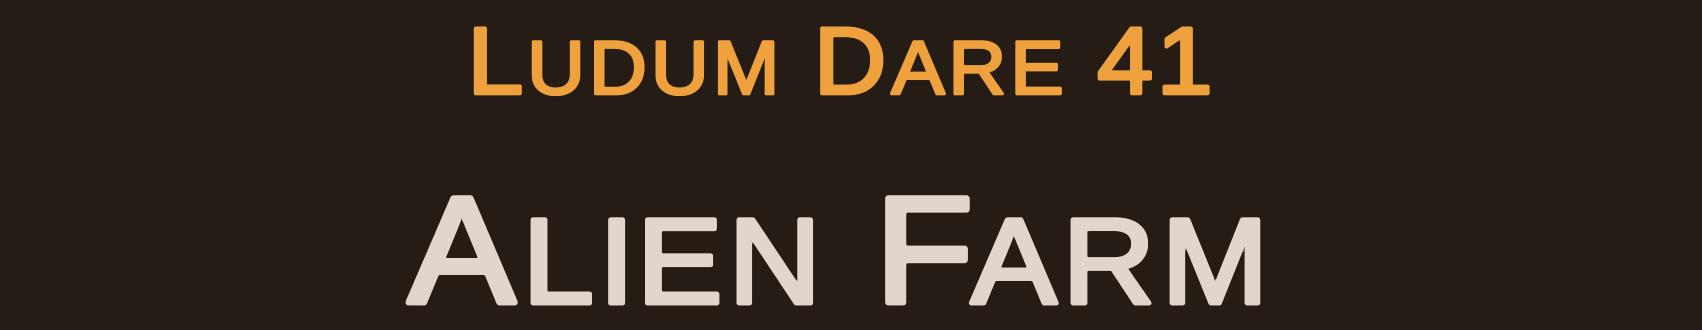 Alien Farm